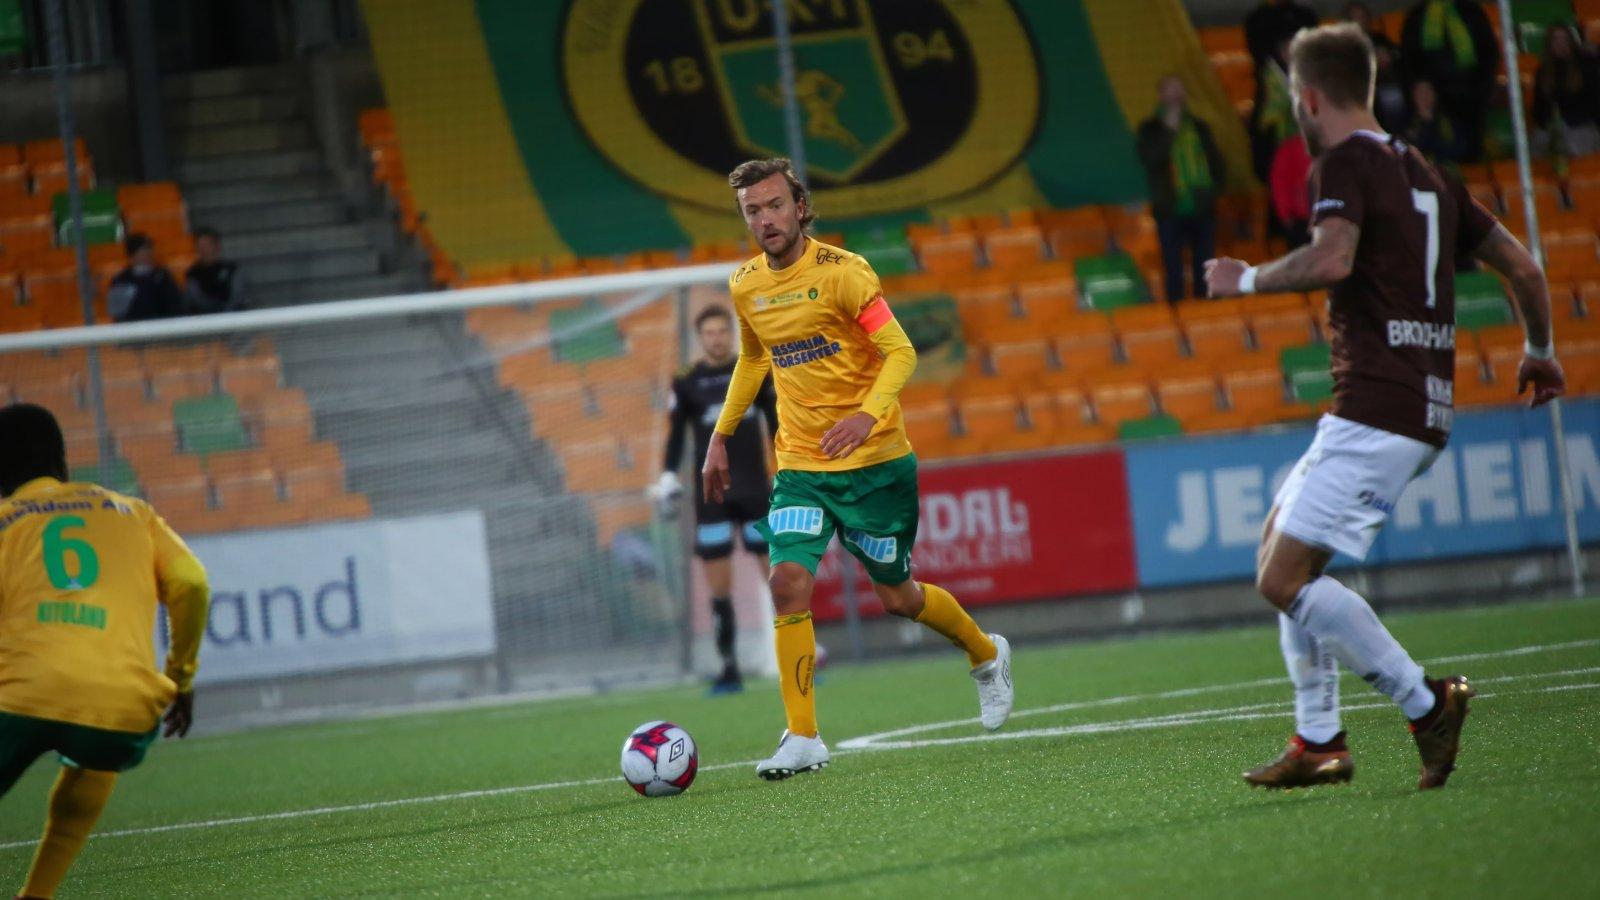 Ull/Kisa-kaptein Christian Aas med ballen i kampen mot Mjøndalen.